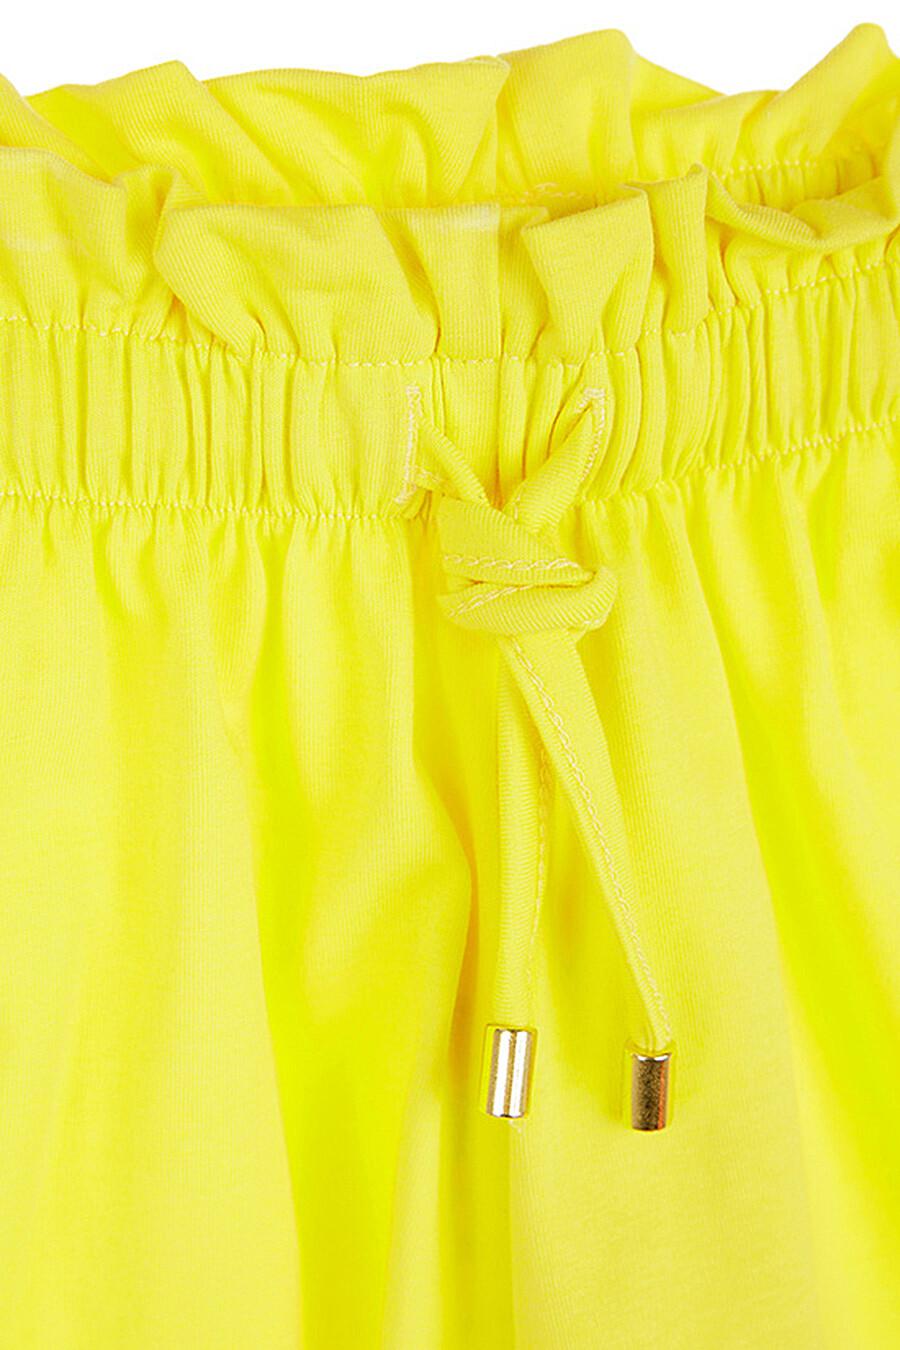 Шорты для девочек PLAYTODAY 289491 купить оптом от производителя. Совместная покупка детской одежды в OptMoyo